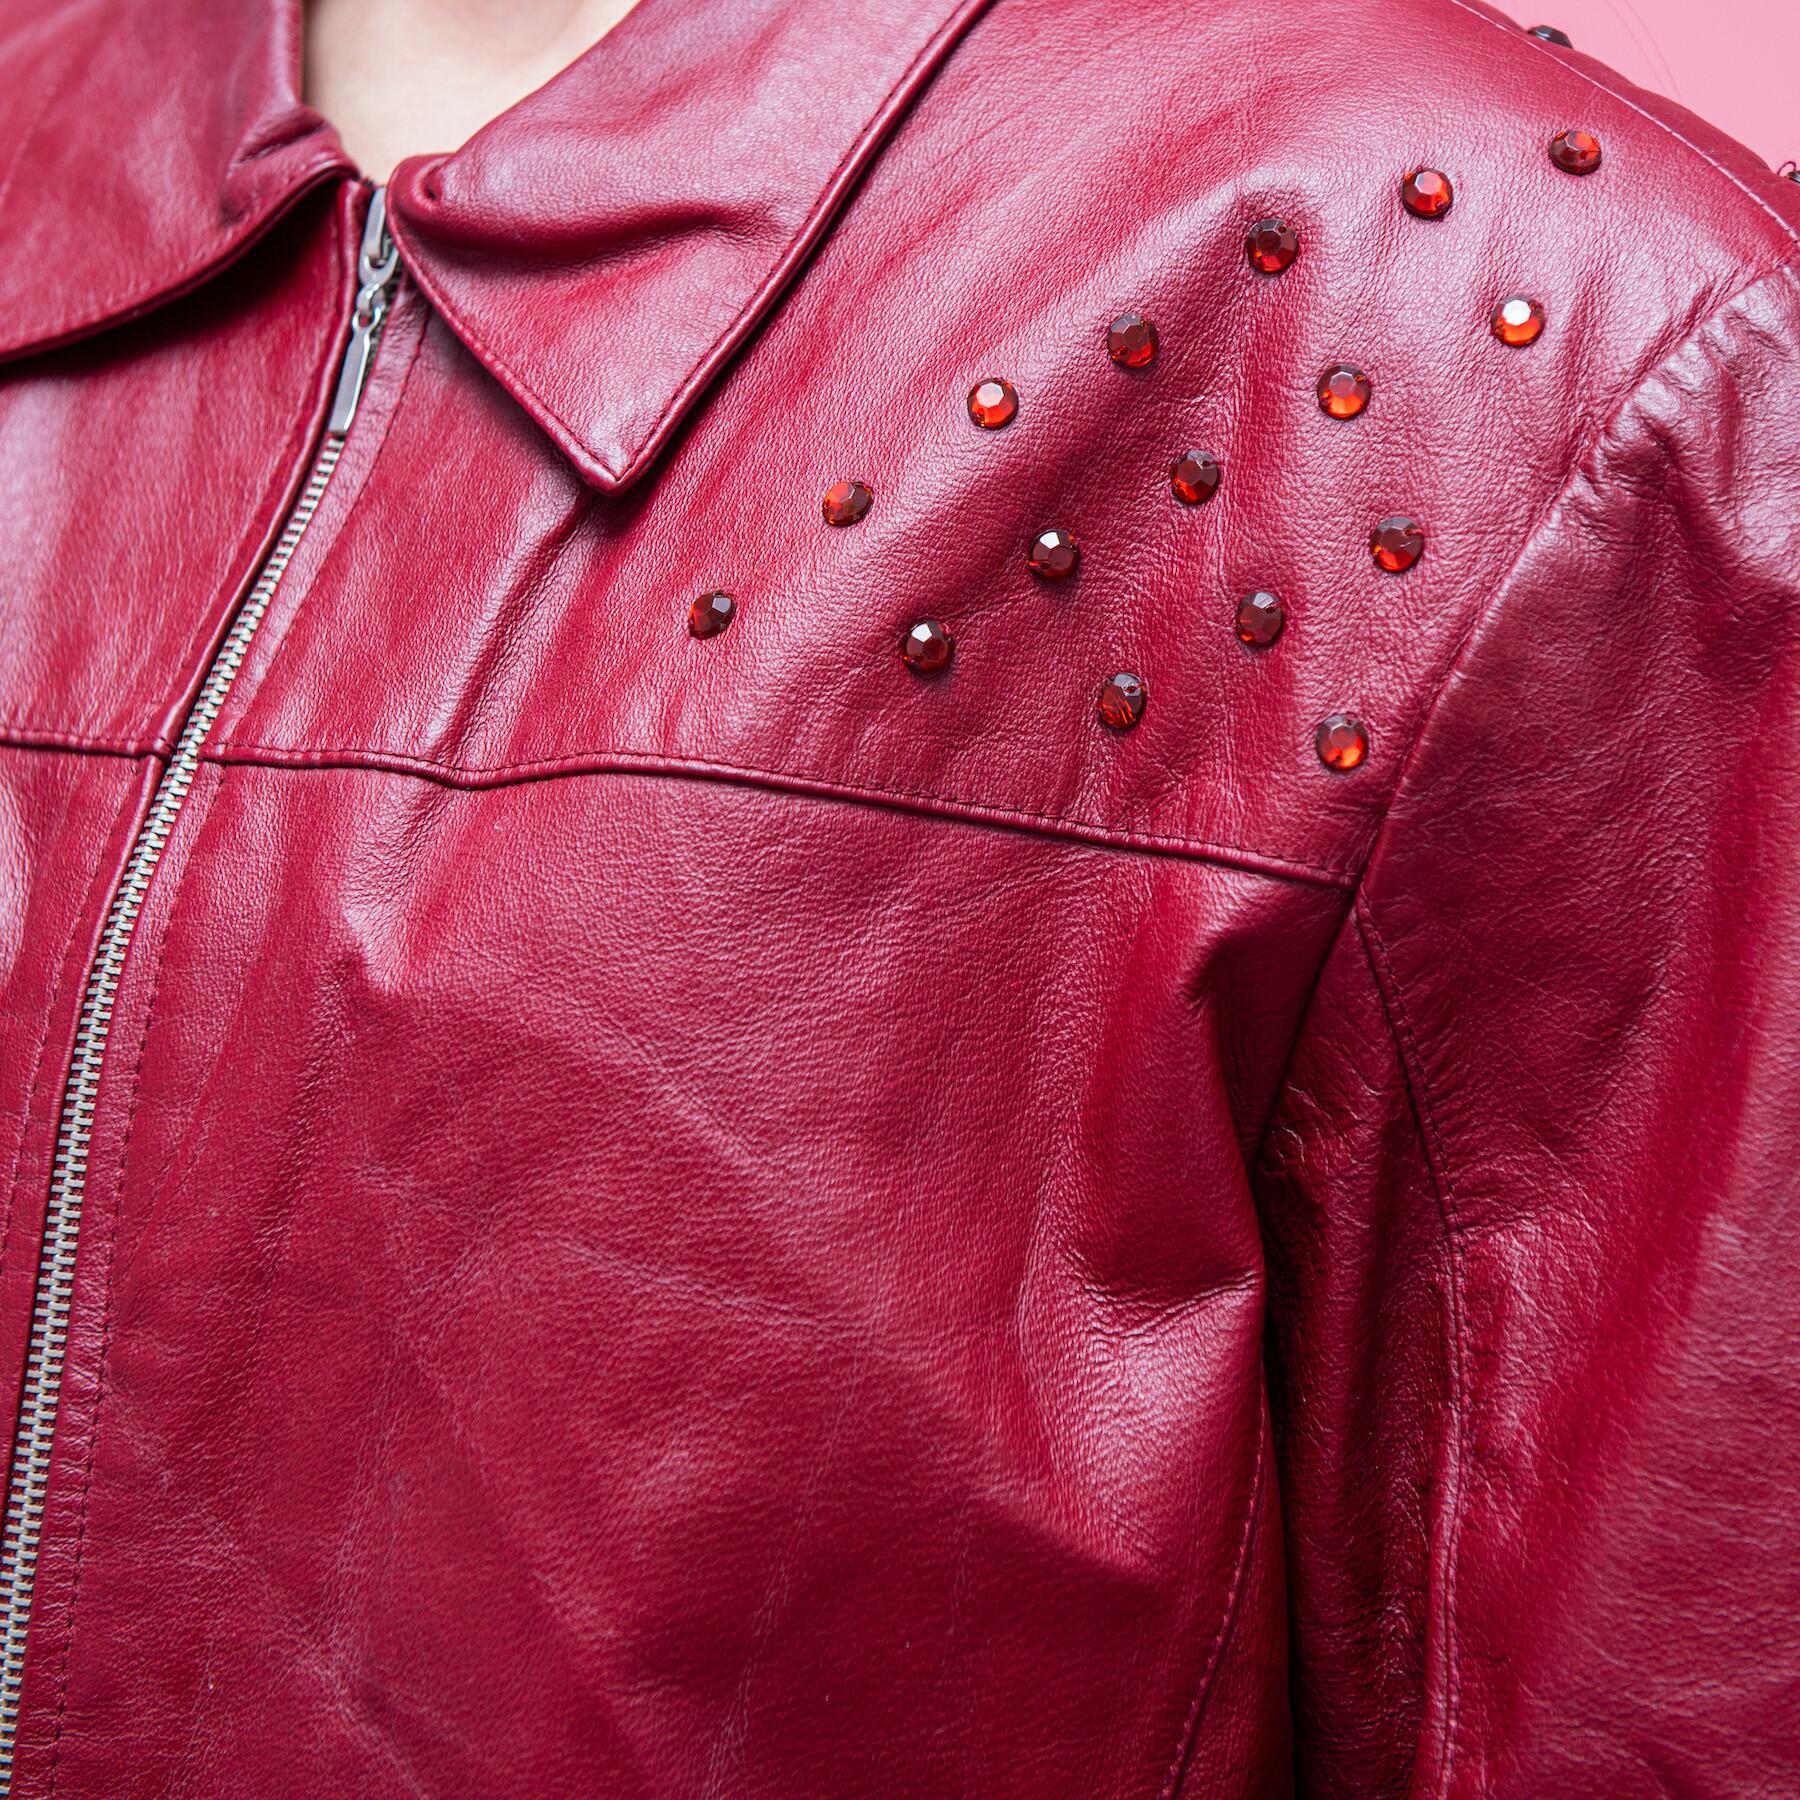 Bordowa kurtka ze skóry z cekinowymi zdobieniami - KEX Vintage Store   JestemSlow.pl